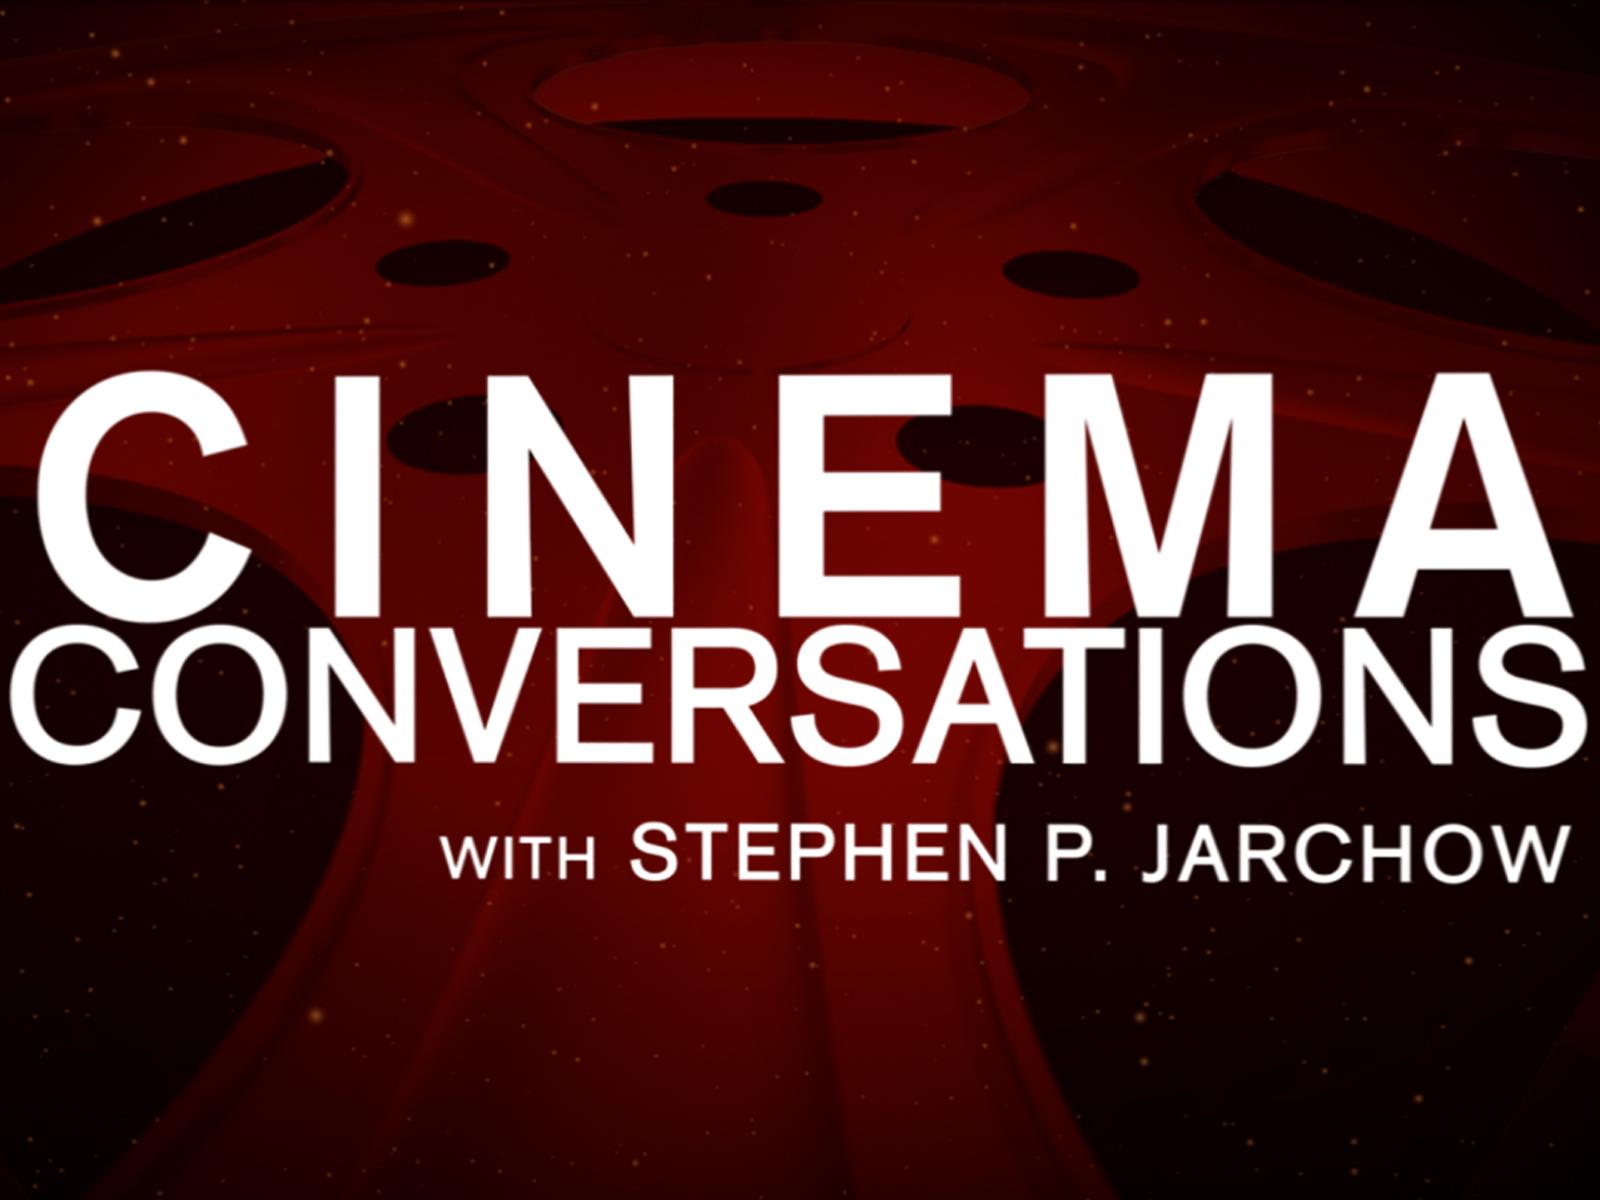 Here-CinemaConversationsS1-Full-Image-en-US.jpg